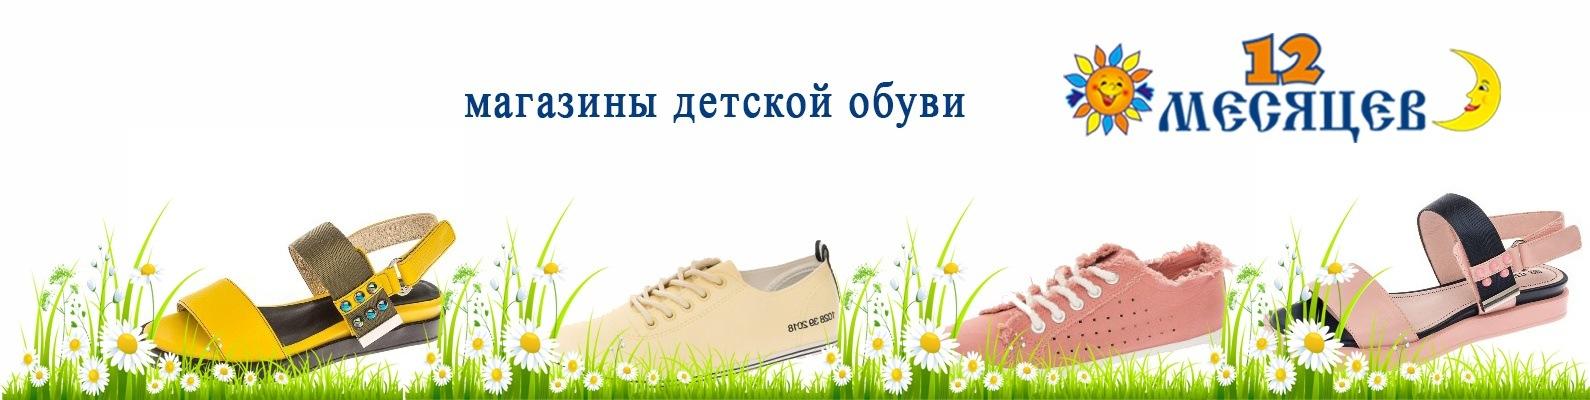 fe96eb26d Магазины детской обуви